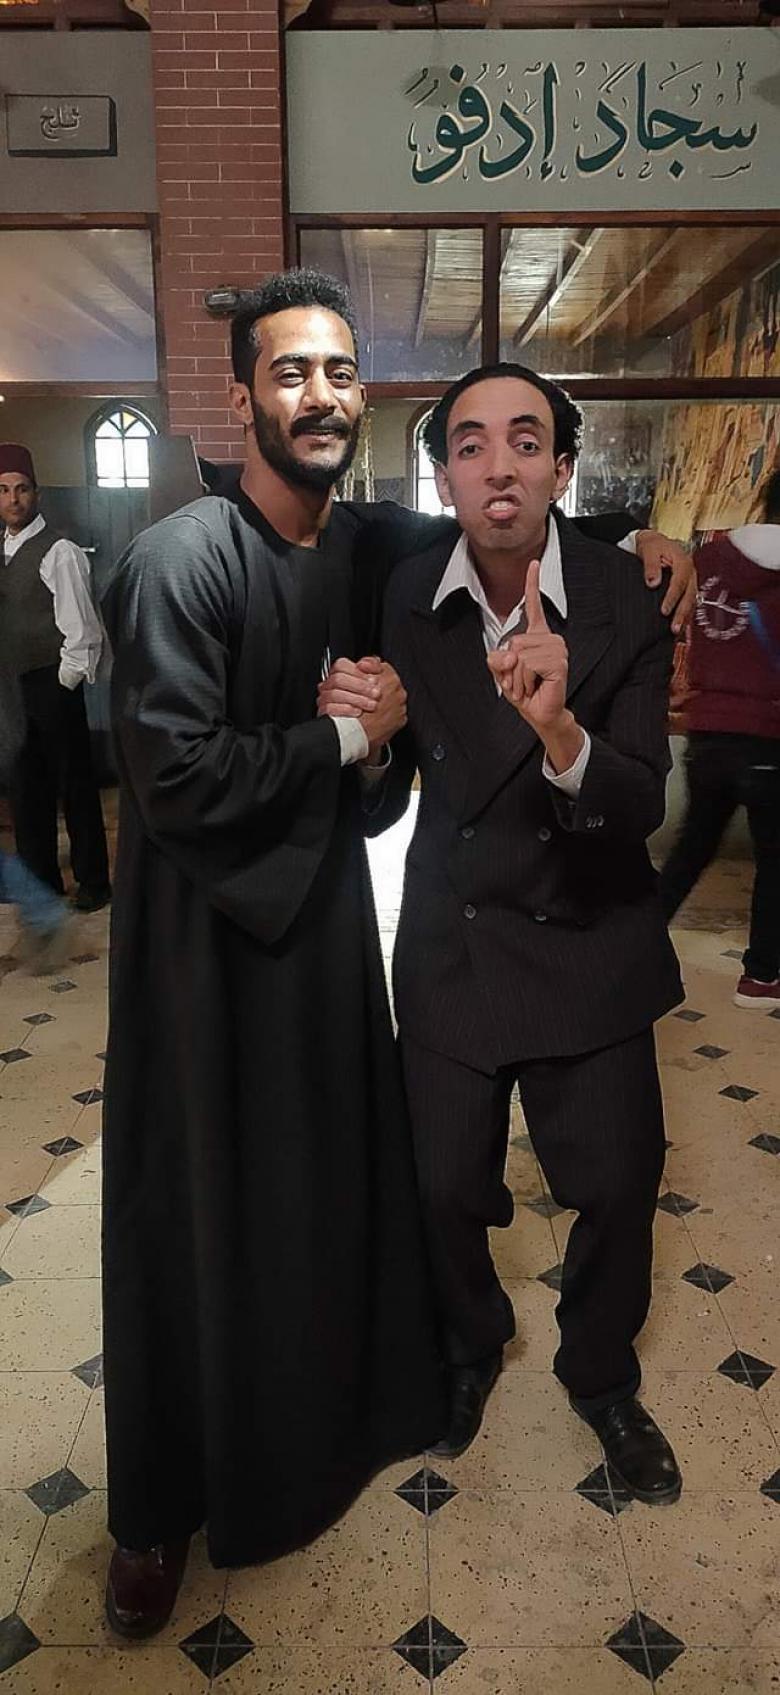 الفنان عبد الرحمن أبوليلة ومحمد رمضان واتهامات بالإساءة للراحل اسماعيل ياسين